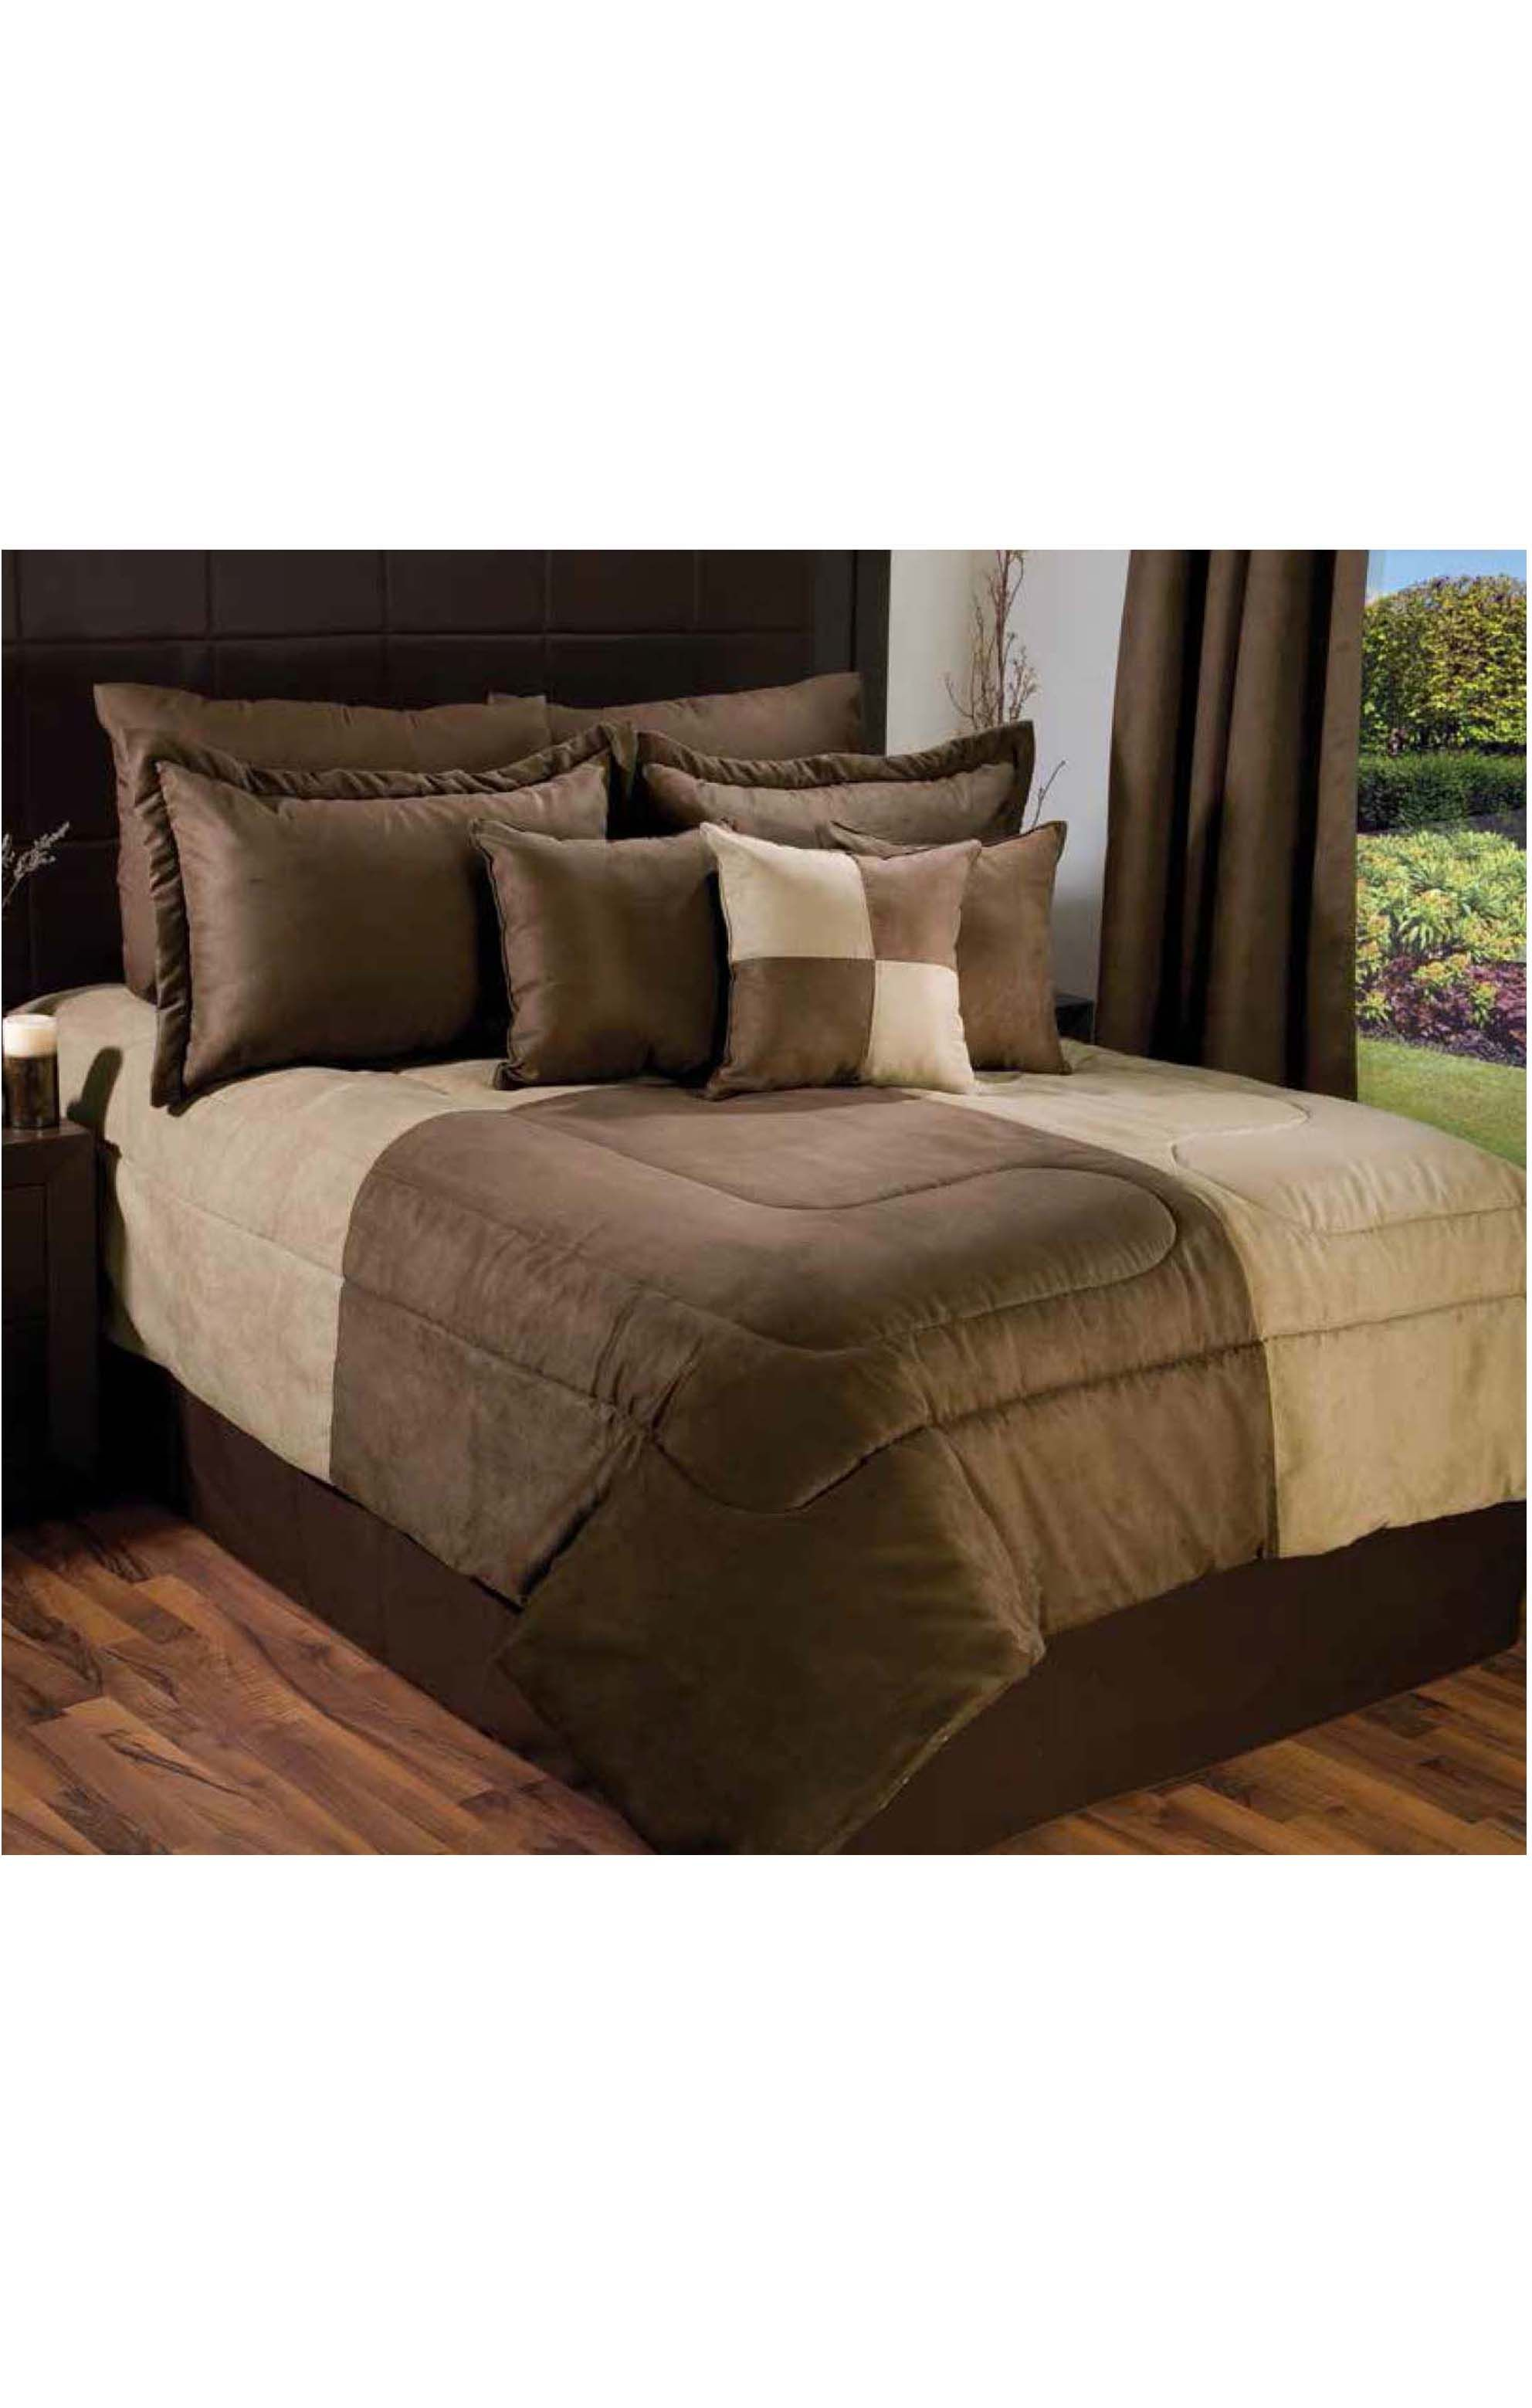 Mostrar detalles para dormireal edredon ajedrez chocolate - Colchas y cortinas modernas ...